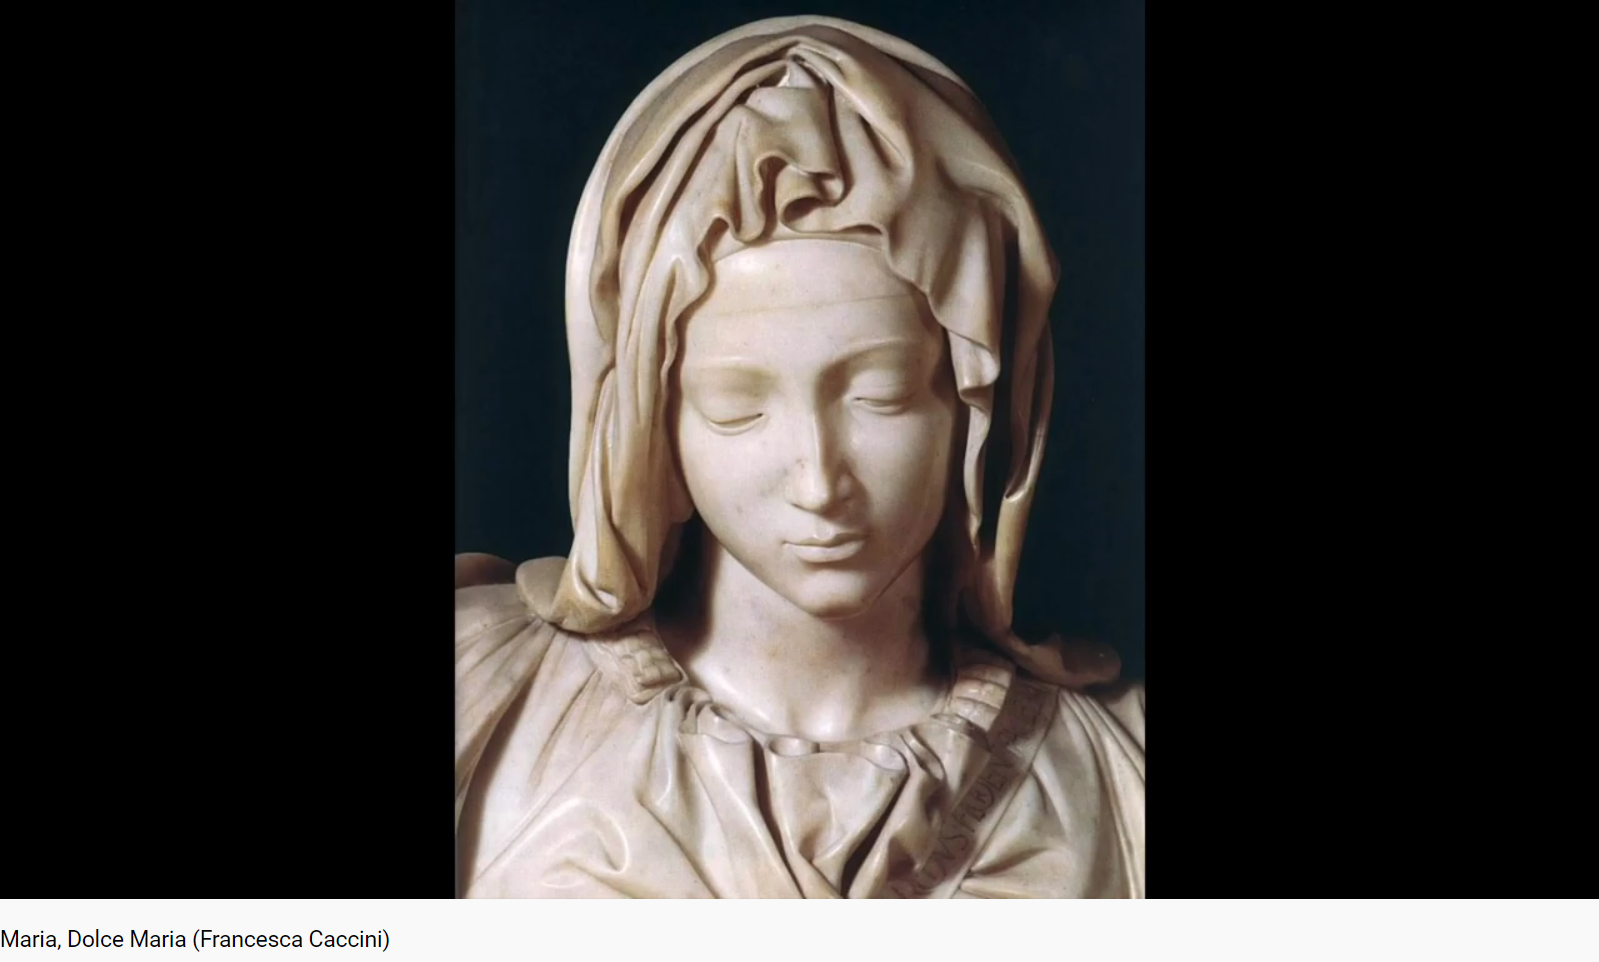 Caccini Francesca Maria, dolce Maria